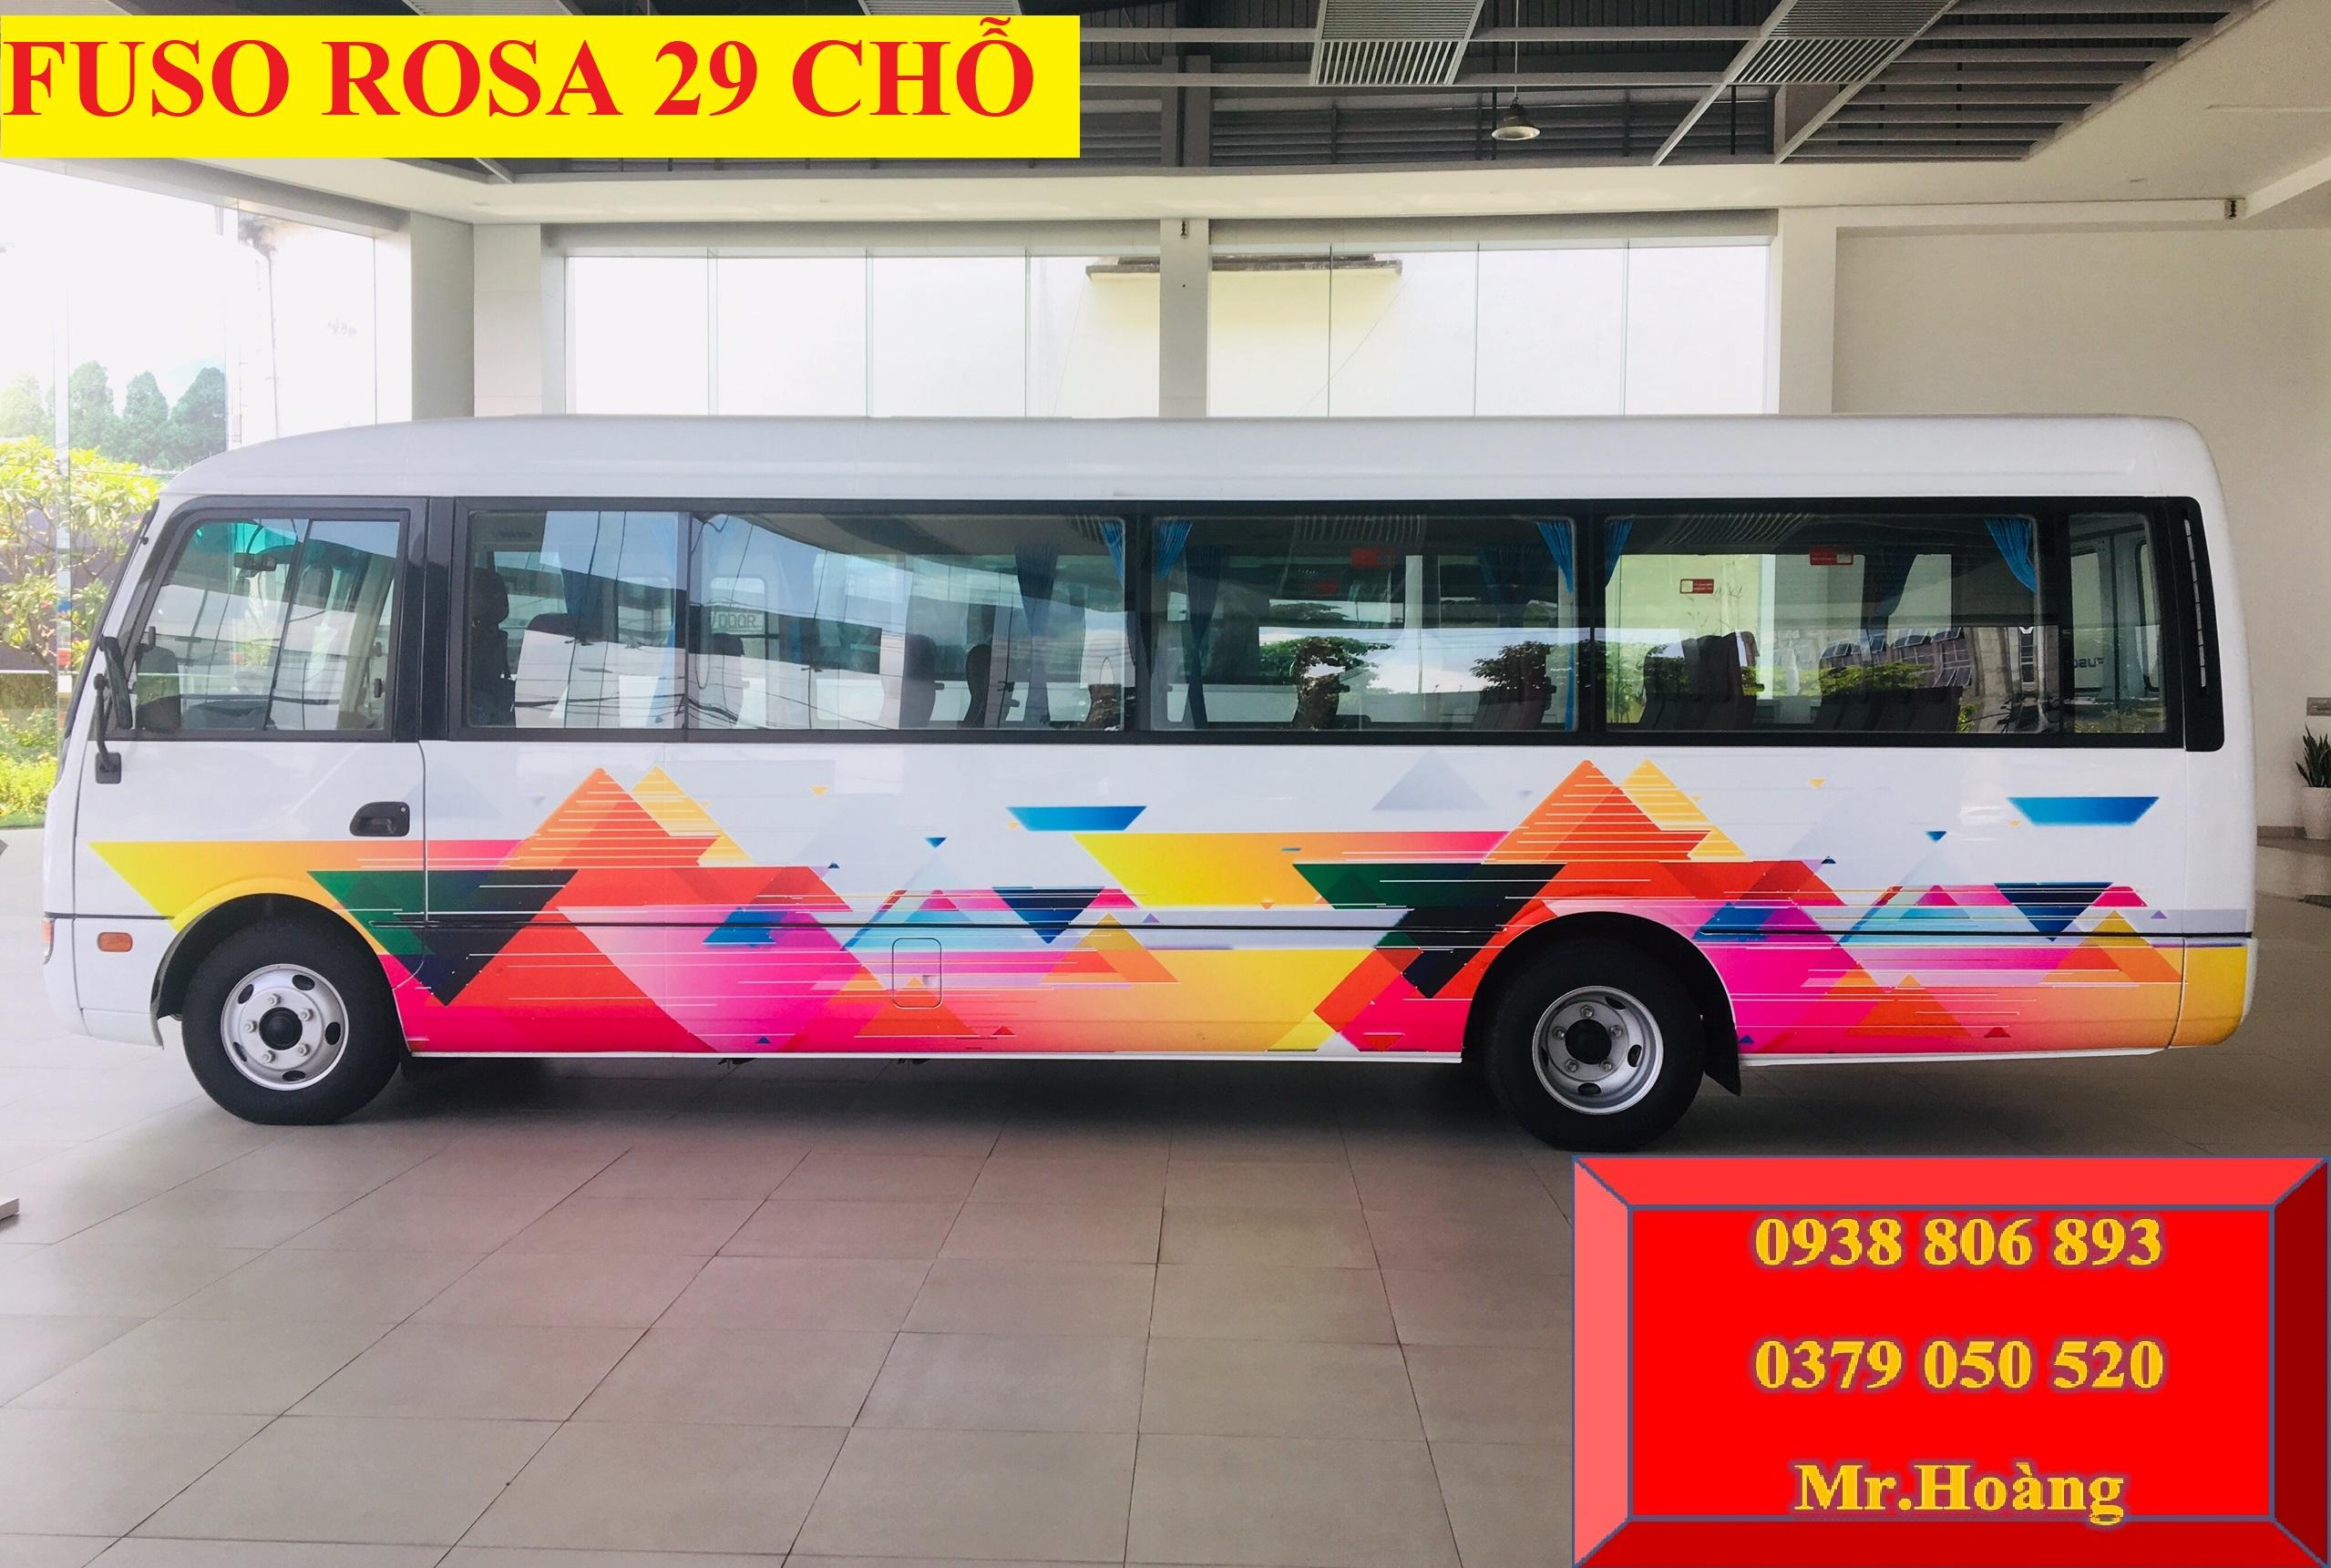 Giá Xe 29 chỗ Fuso Rosa động cơ 4D34 Mitsubishi-Xe 29c Thaco_Xe 29c Fuso rosa